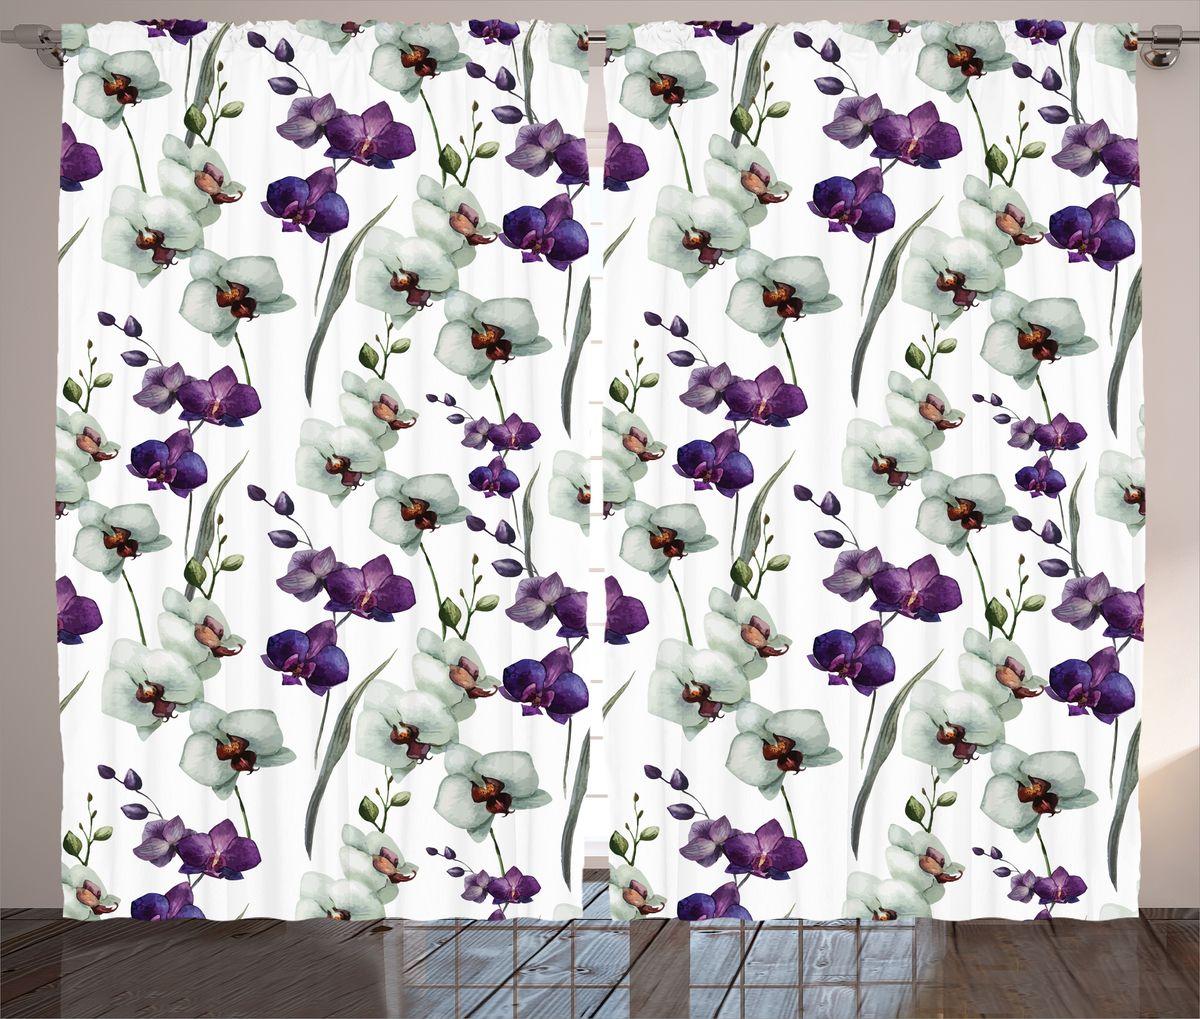 Комплект фотоштор Magic Lady Акварельные орхидеи, на ленте, высота 265 см. шсг_1388721265Компания Сэмболь изготавливает шторы из высококачественного сатена (полиэстер 100%). При изготовлении используются специальные гипоаллергенные чернила для прямой печати по ткани, безопасные для человека и животных. Экологичность продукции Magic lady и безопасность для окружающей среды подтверждены сертификатом Oeko-Tex Standard 100. Крепление: крючки для крепления на шторной ленте (50 шт). Возможно крепление на трубу. Внимание! При нанесении сублимационной печати на ткань технологическим методом при температуре 240°С, возможно отклонение полученных размеров (указанных на этикетке и сайте) от стандартных на + - 3-5 см. Производитель старается максимально точно передать цвета изделия на фотографиях, однако искажения неизбежны и фактический цвет изделия может отличаться от воспринимаемого по фото. Обратите внимание! Шторы изготовлены из полиэстра сатенового переплетения, а не из сатина (хлопок). Размер одного полотна шторы: 145х265 см. В комплекте 2 полотна шторы и 50 крючков.